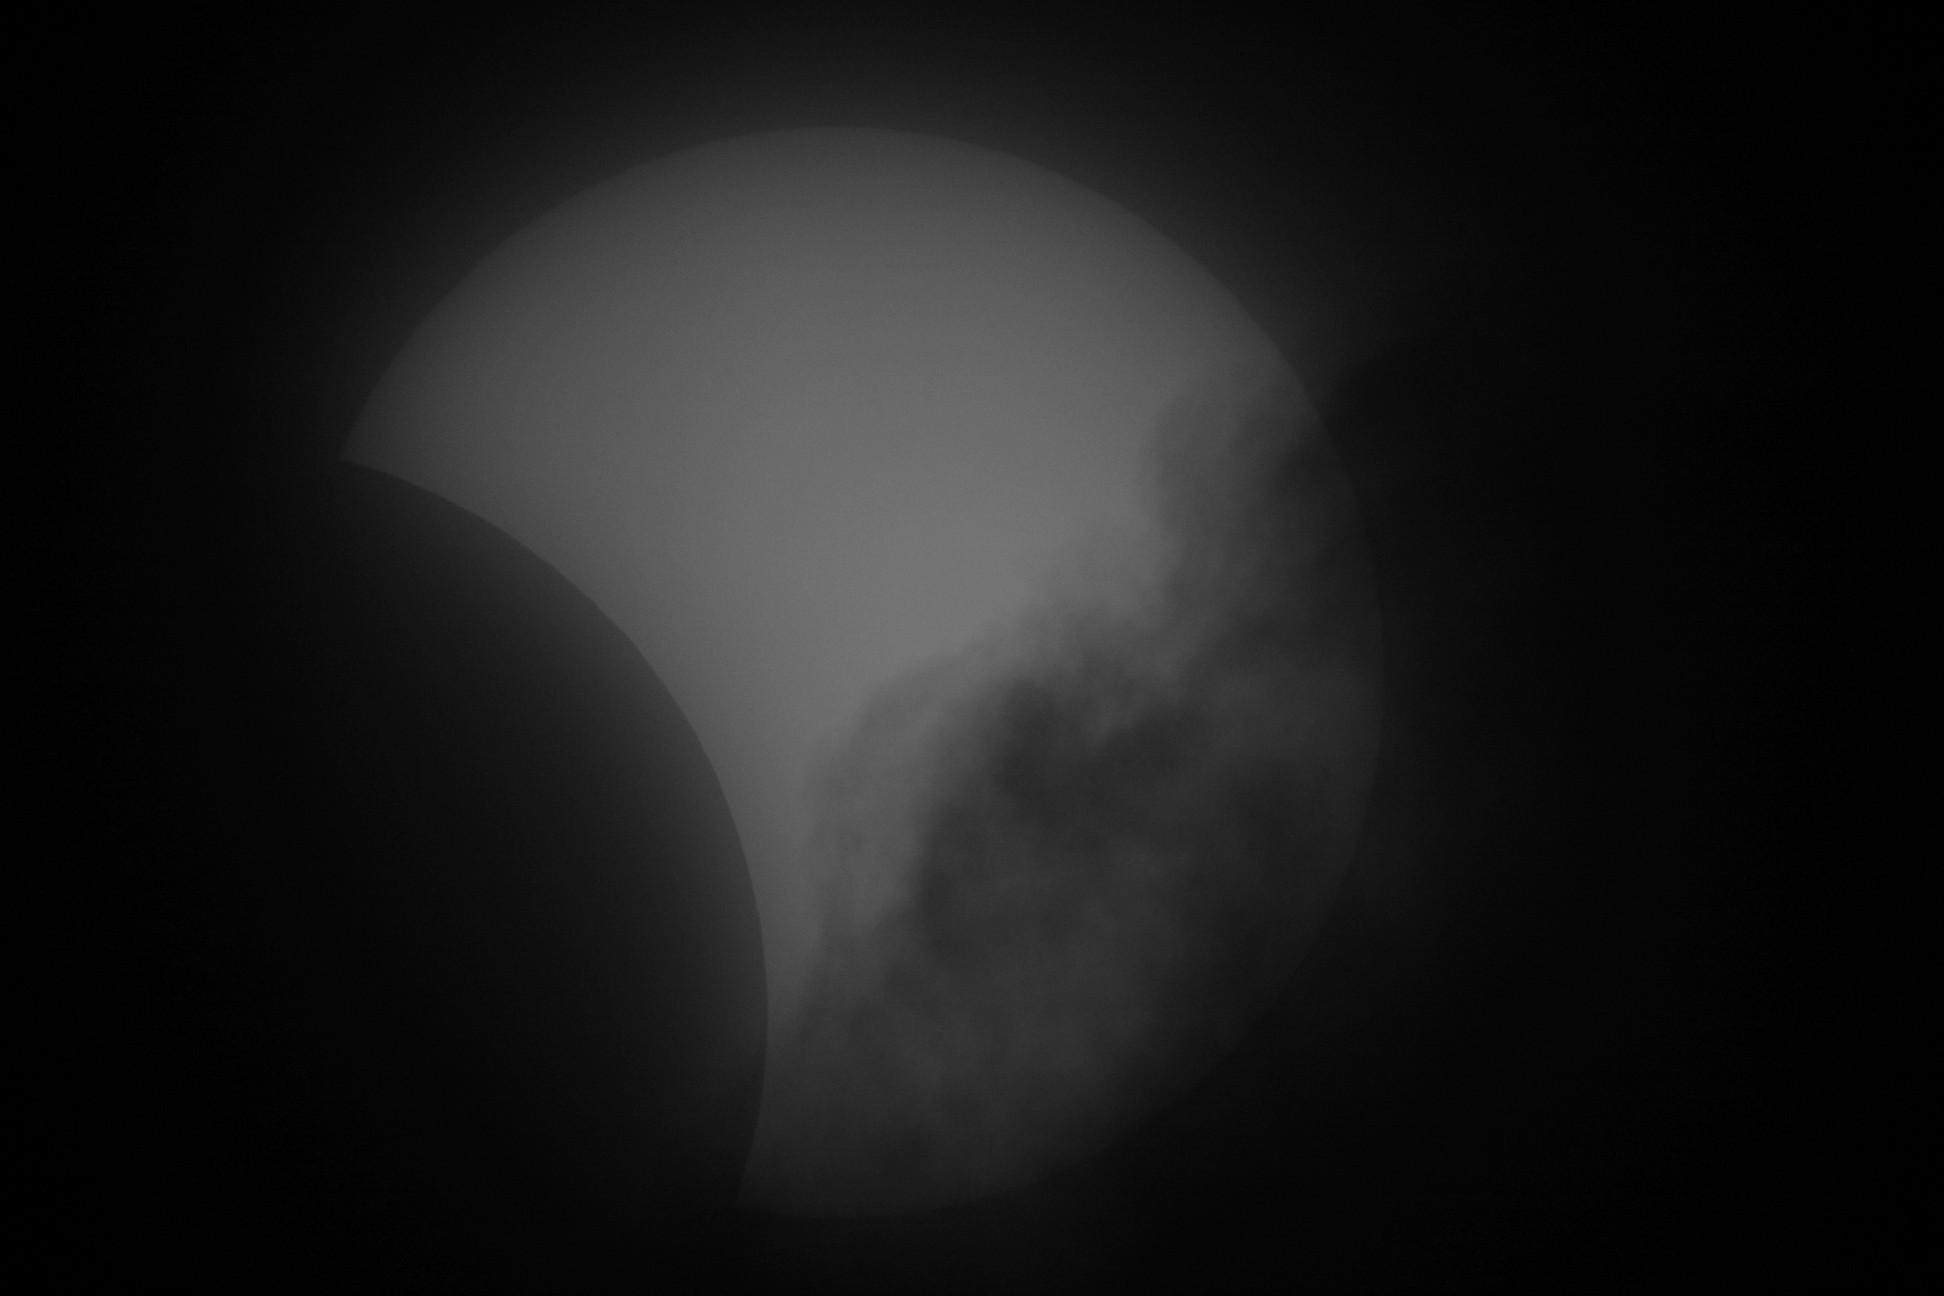 Eclipse solaire du 20/03/2015 Ec1110